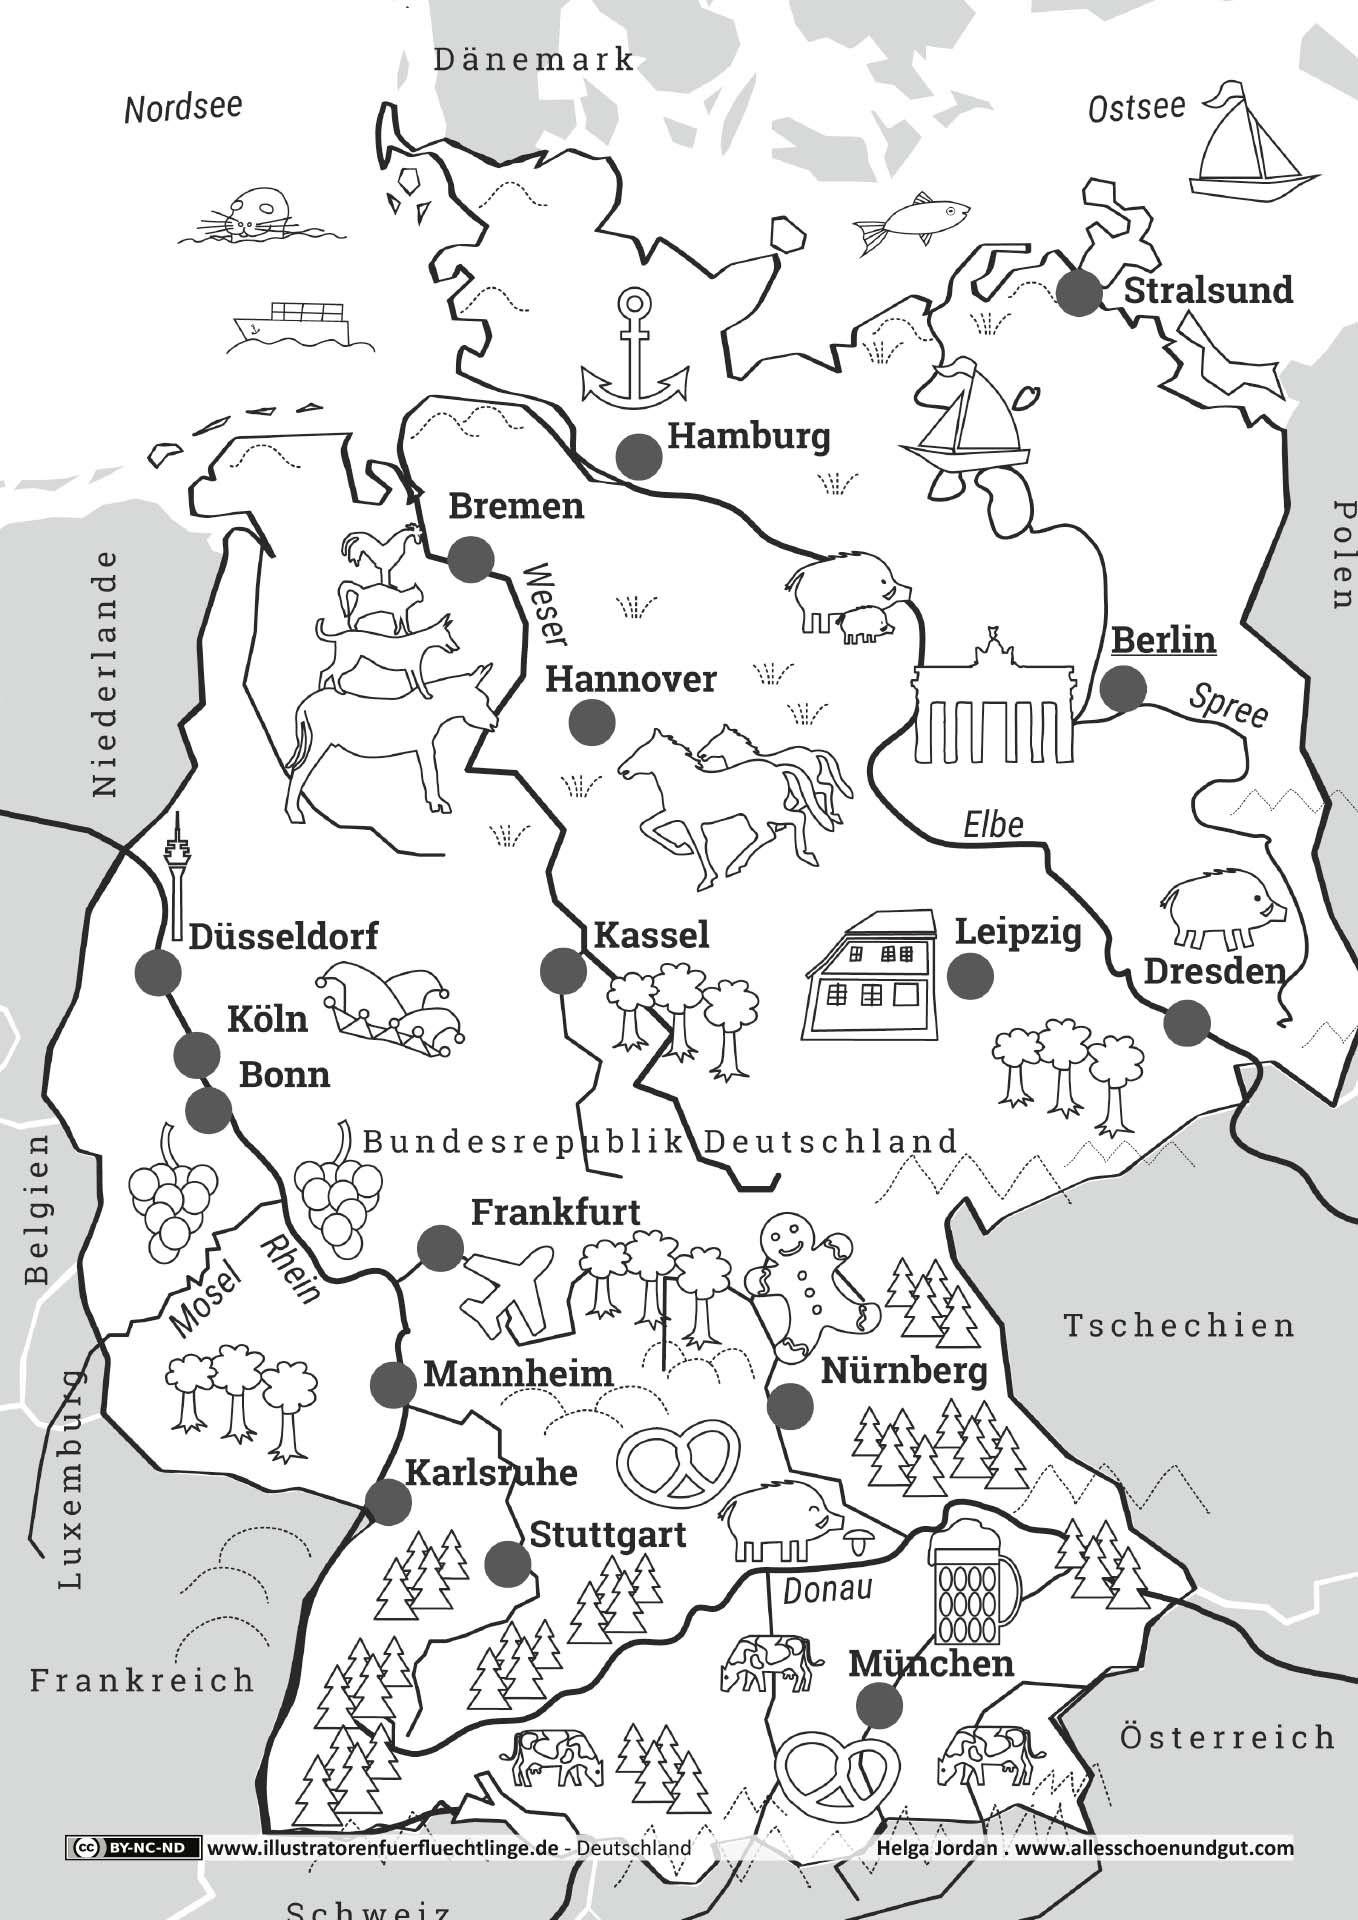 Deutschlandkarte | Deutschland, Schulideen, Karte Deutschland mit Deutschlandkarte Zum Ausmalen